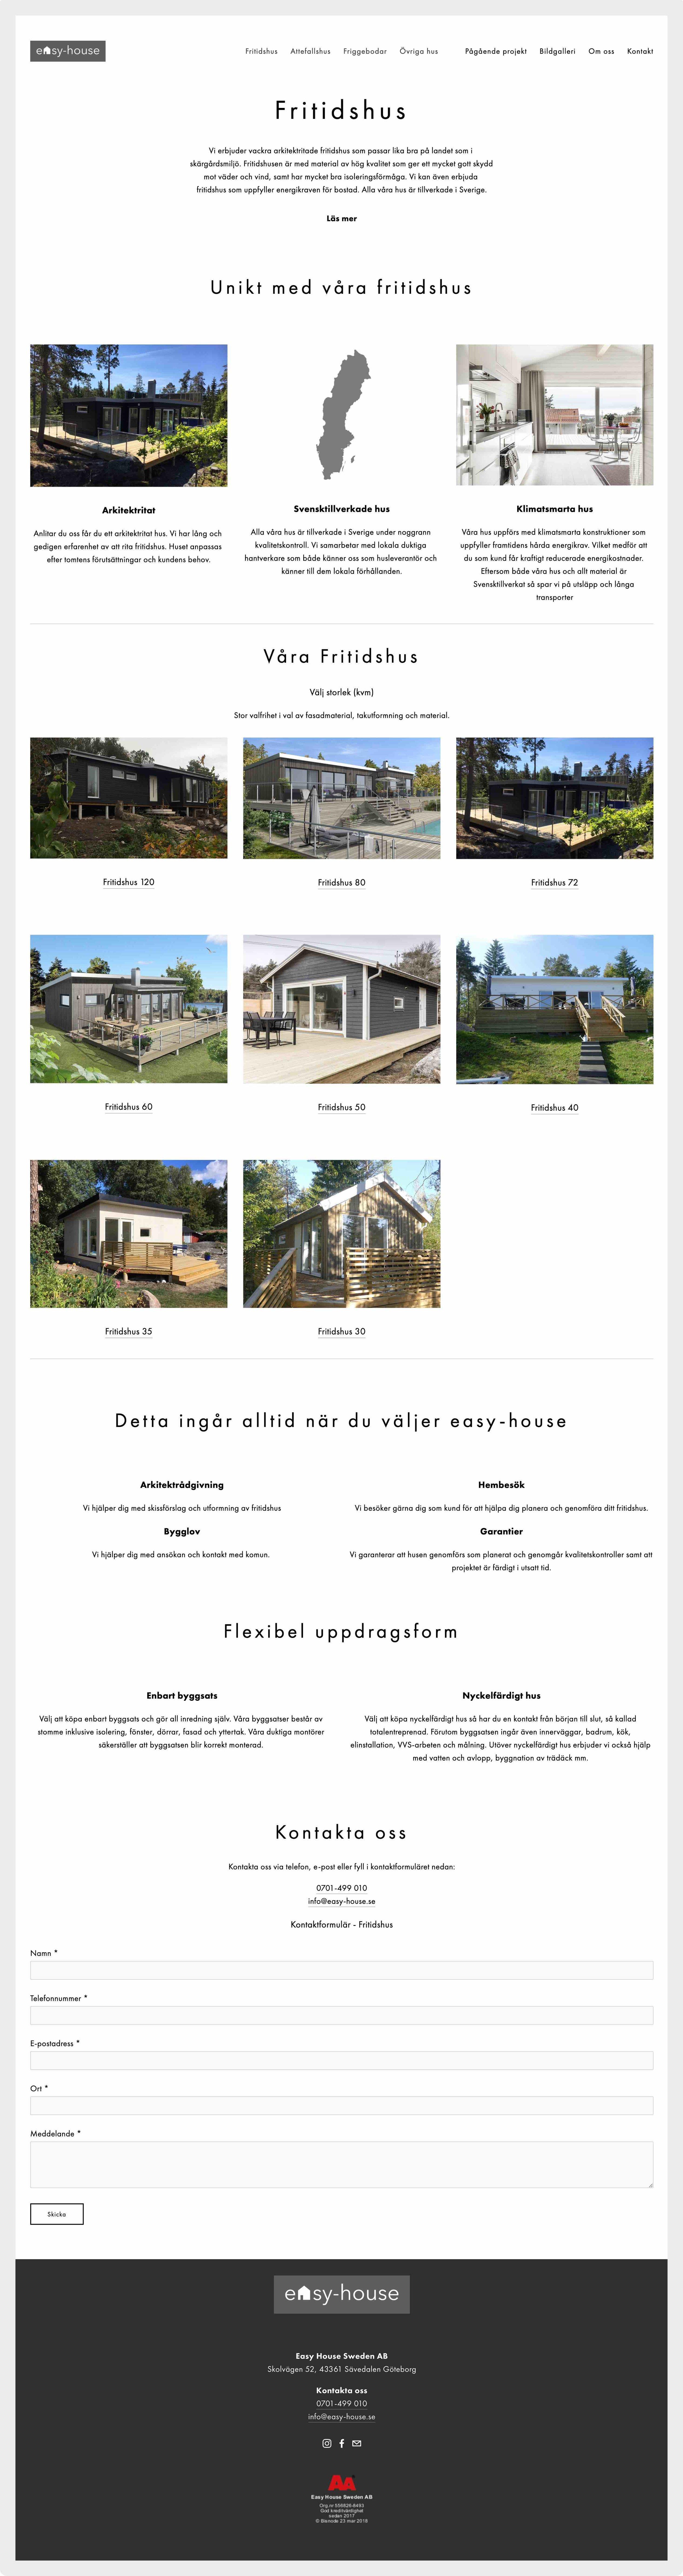 framtidens-webbyrå-uppdrag-easy-house-fritidshus